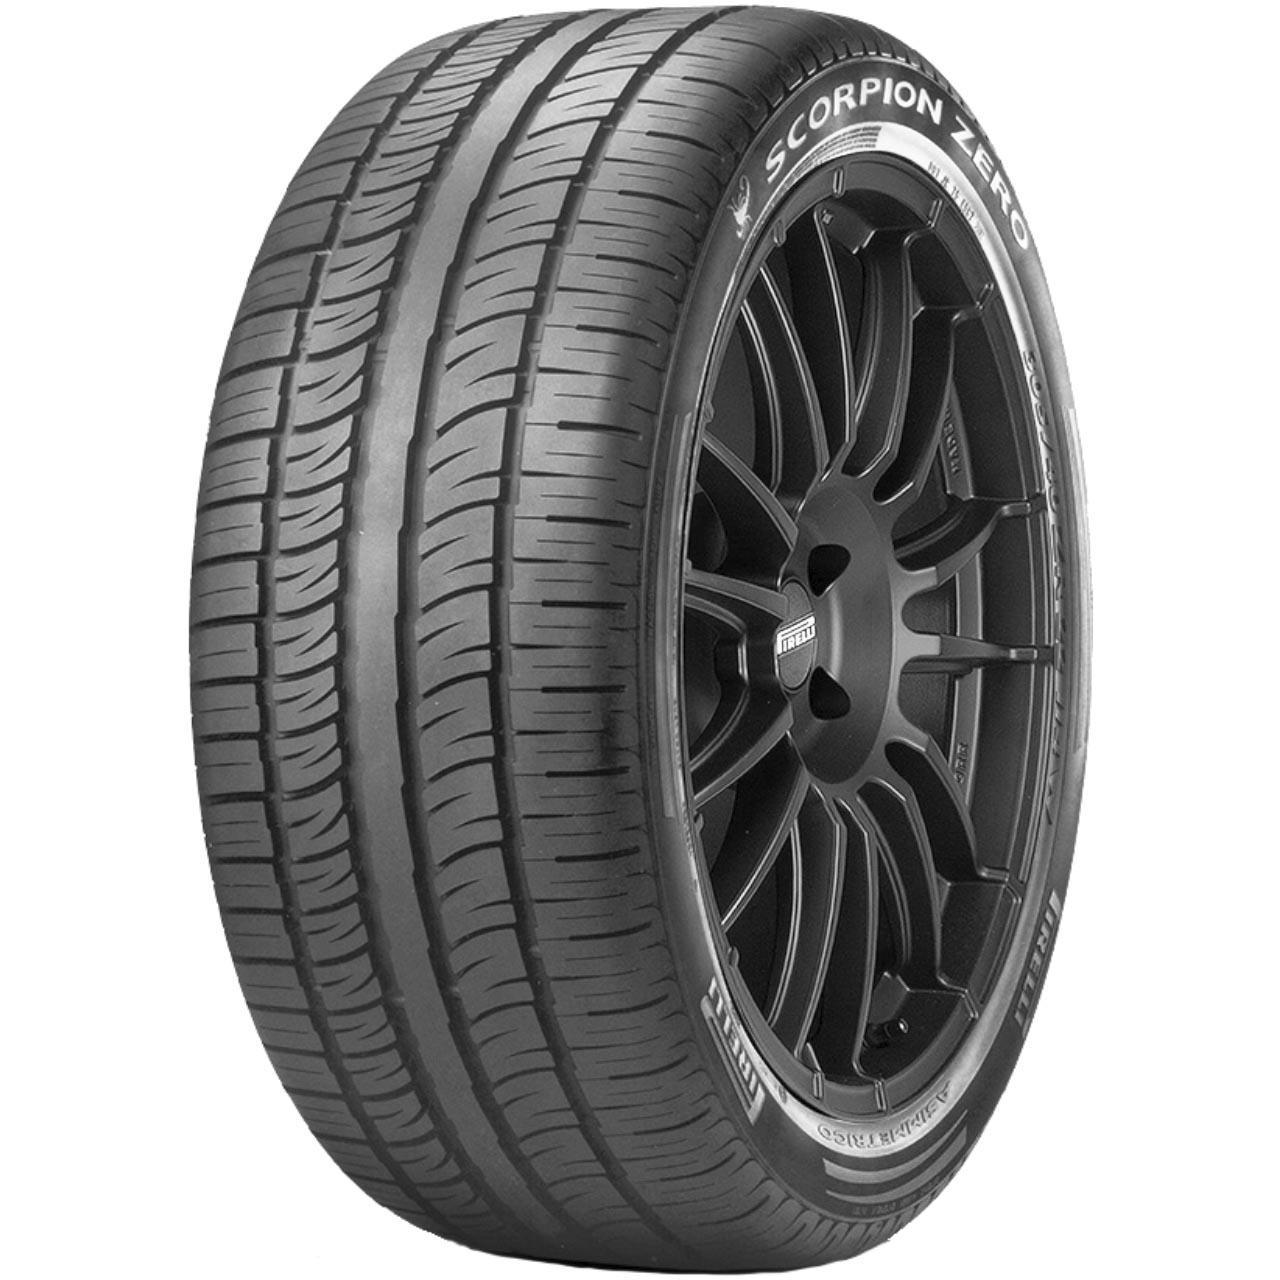 Pirelli Scorpion Zero Asimmetrico 255/55R18 109H XL AO